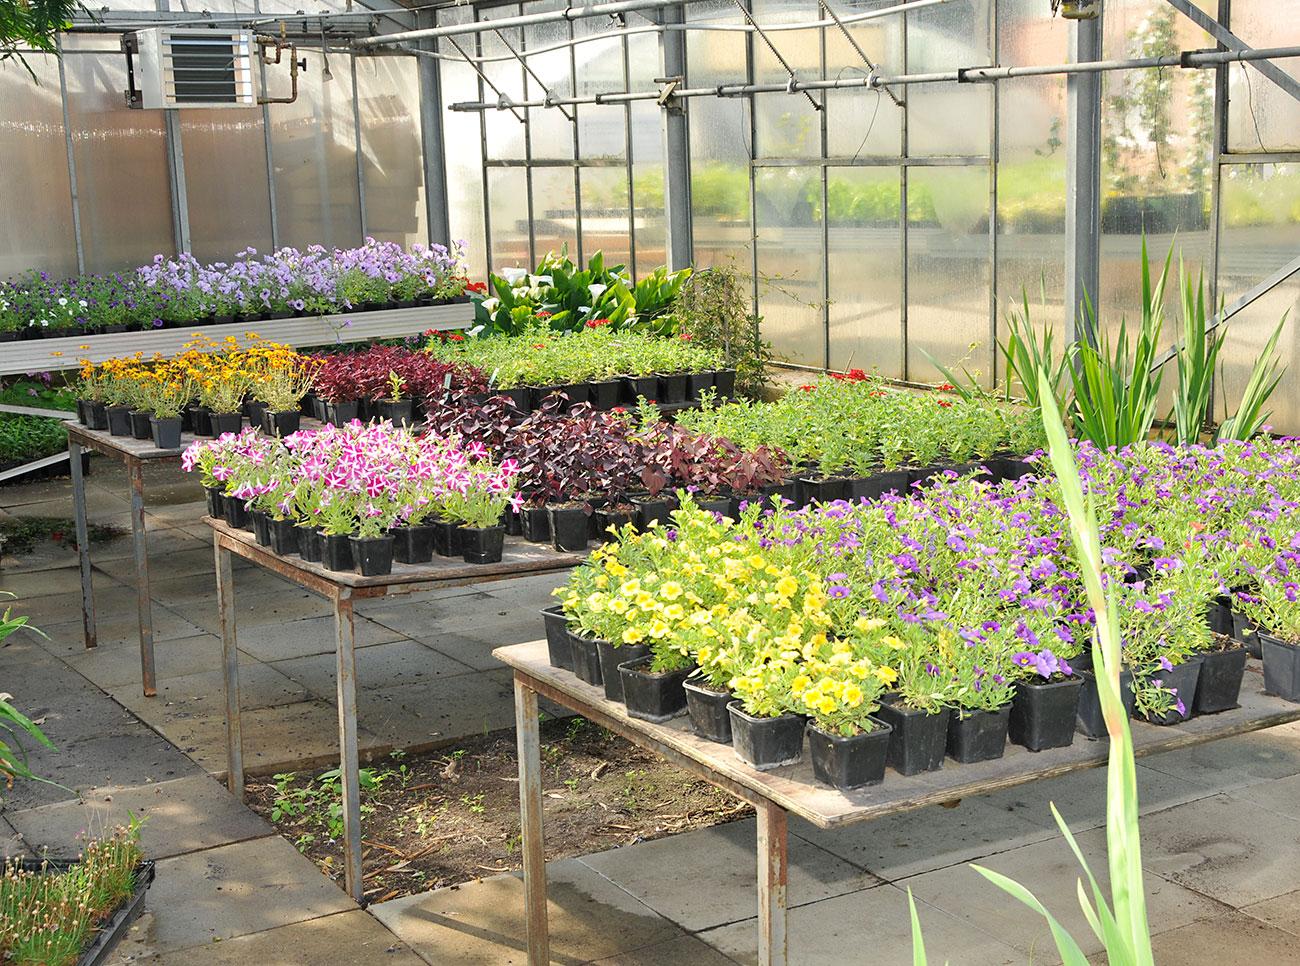 Gewächshaus mit Blumen